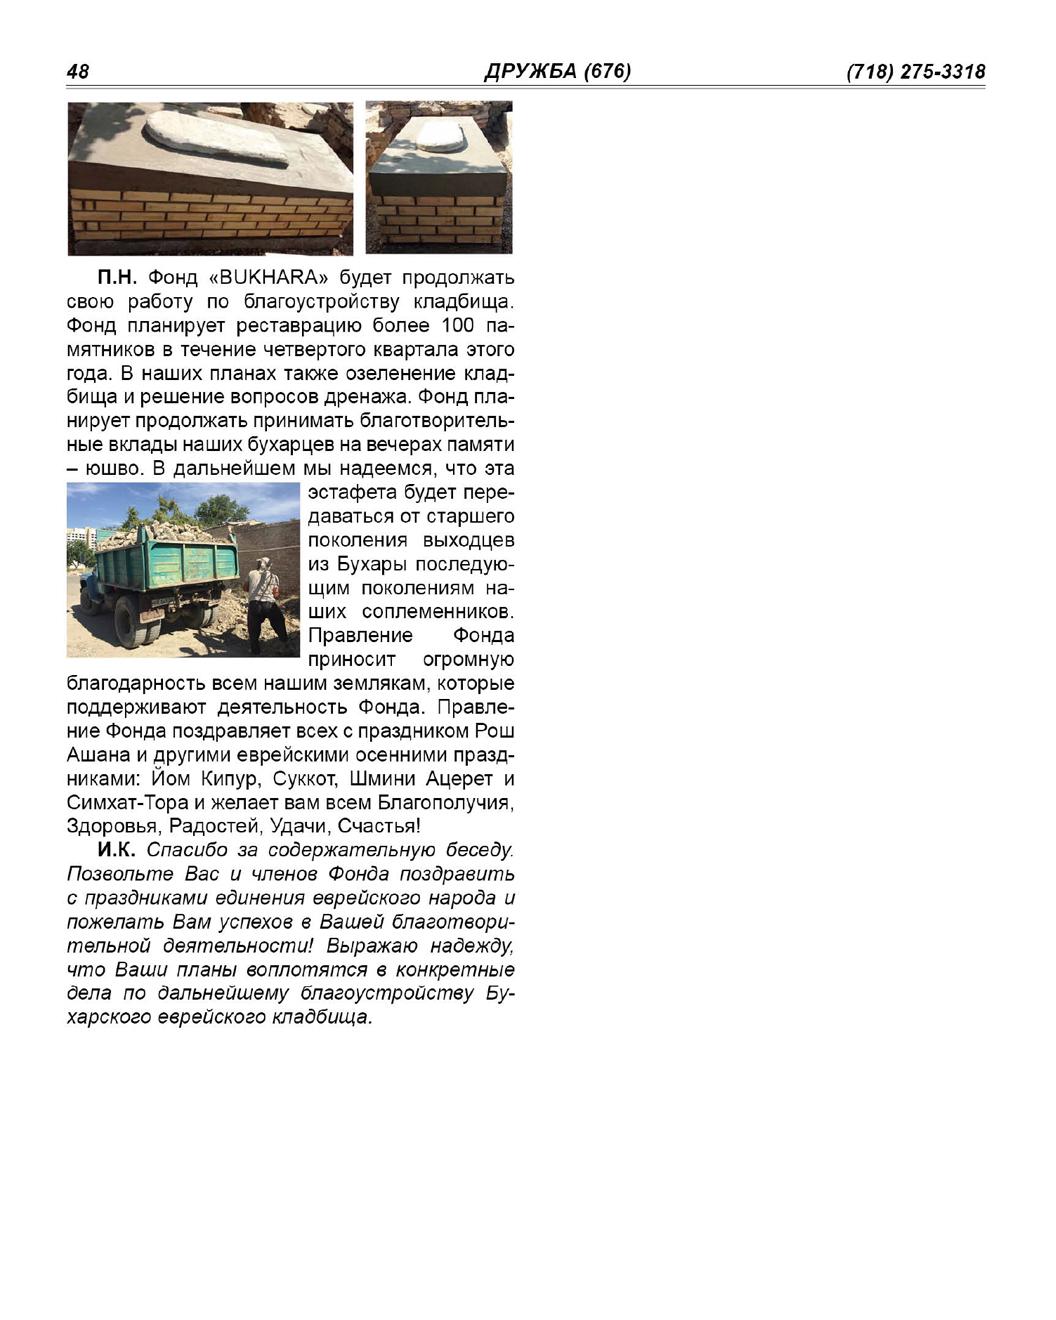 Благотворительный Фонд BUKHARA продолжает работу по благоустройству кладбища-3